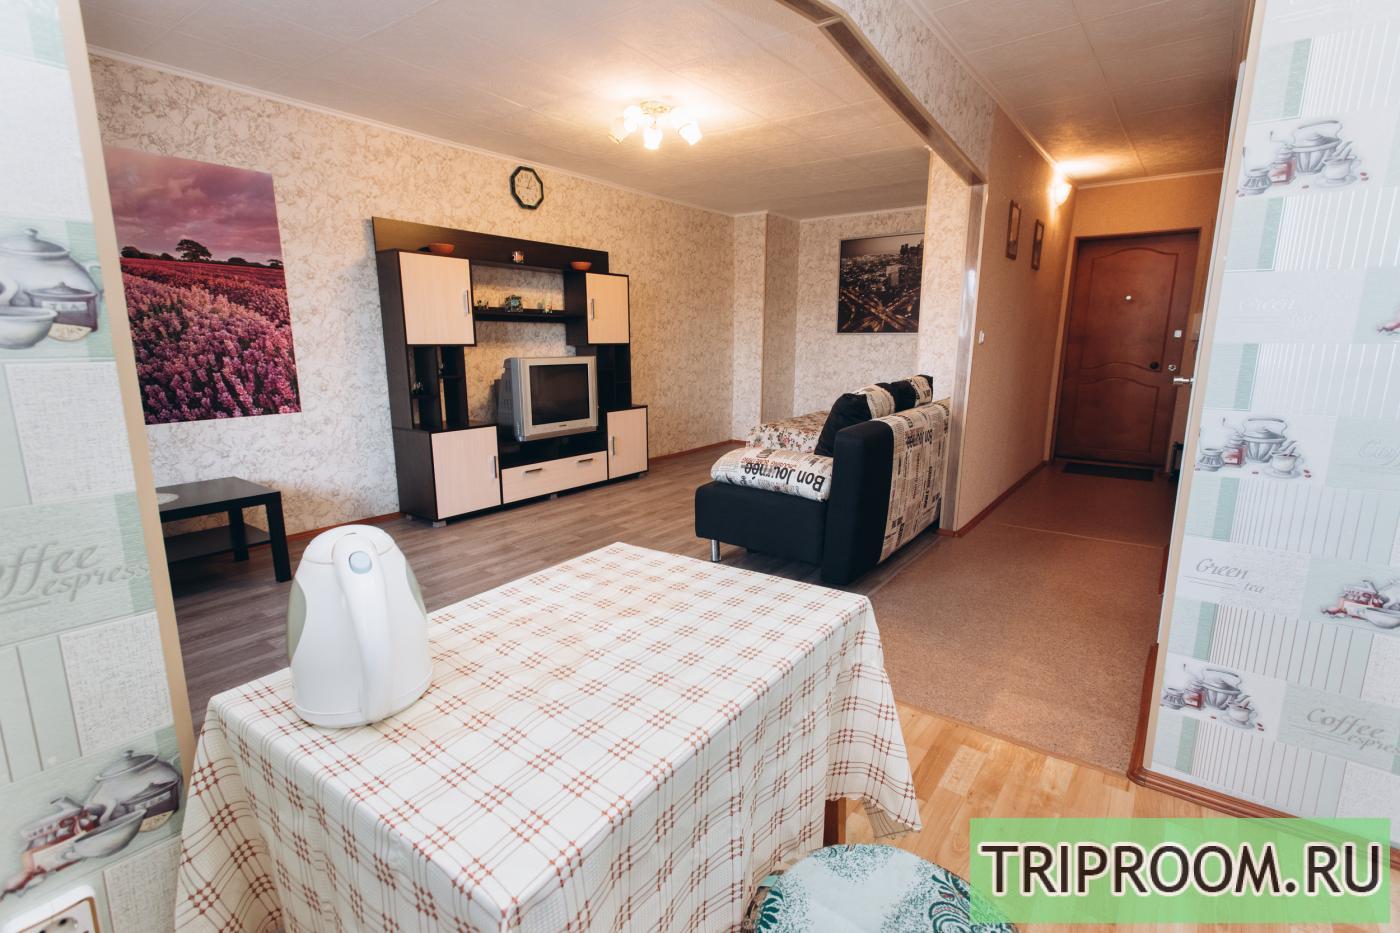 1-комнатная квартира посуточно (вариант № 14750), ул. Белореченская улица, фото № 6